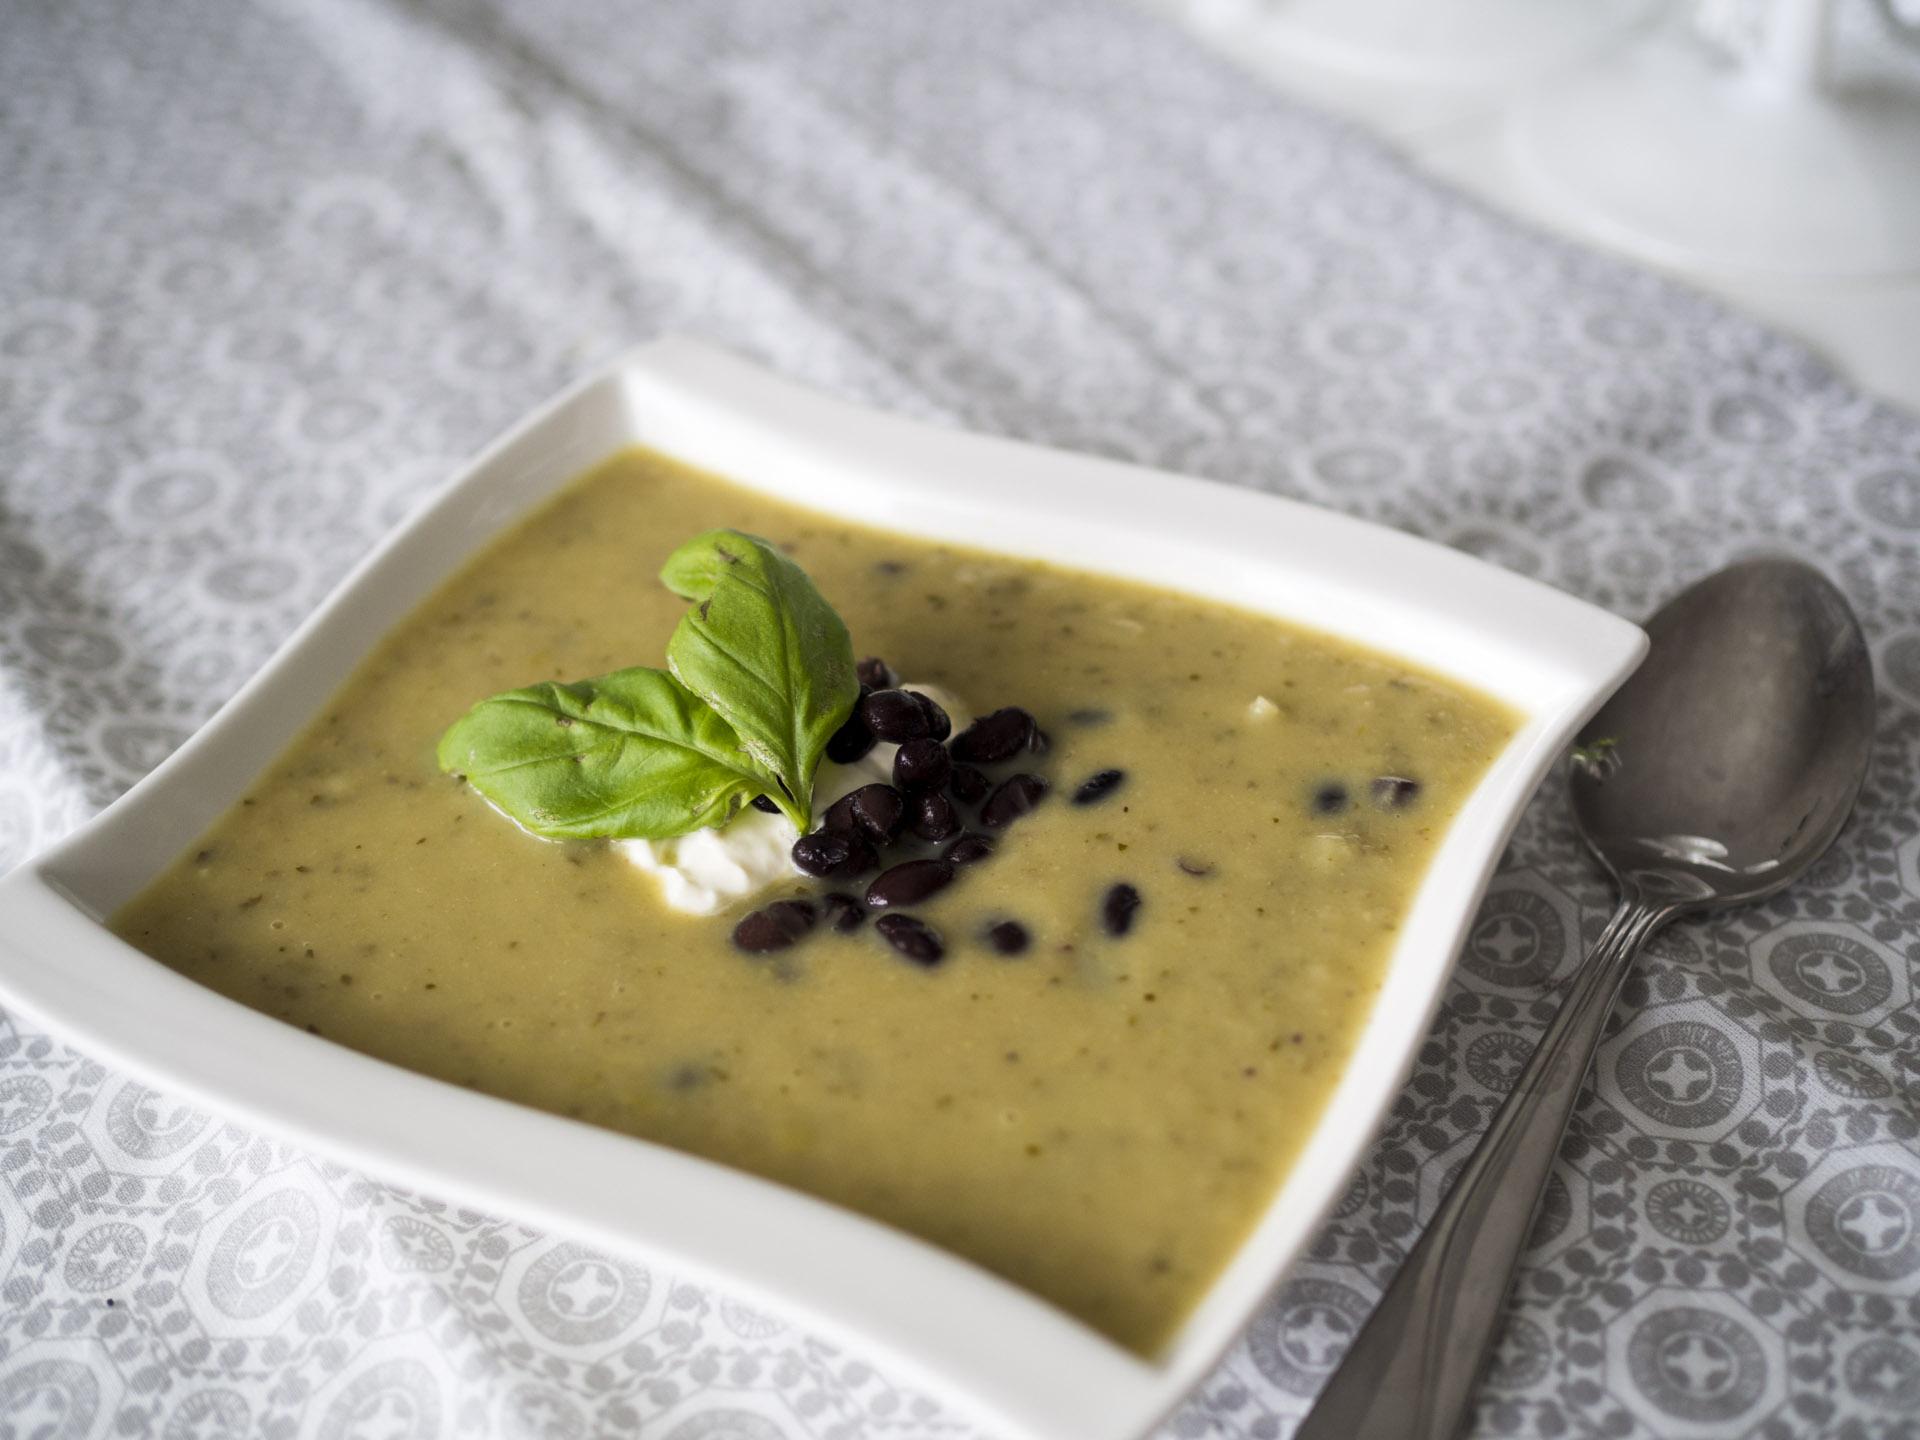 Vitkålssoppa med gröncurry och svarta bönor